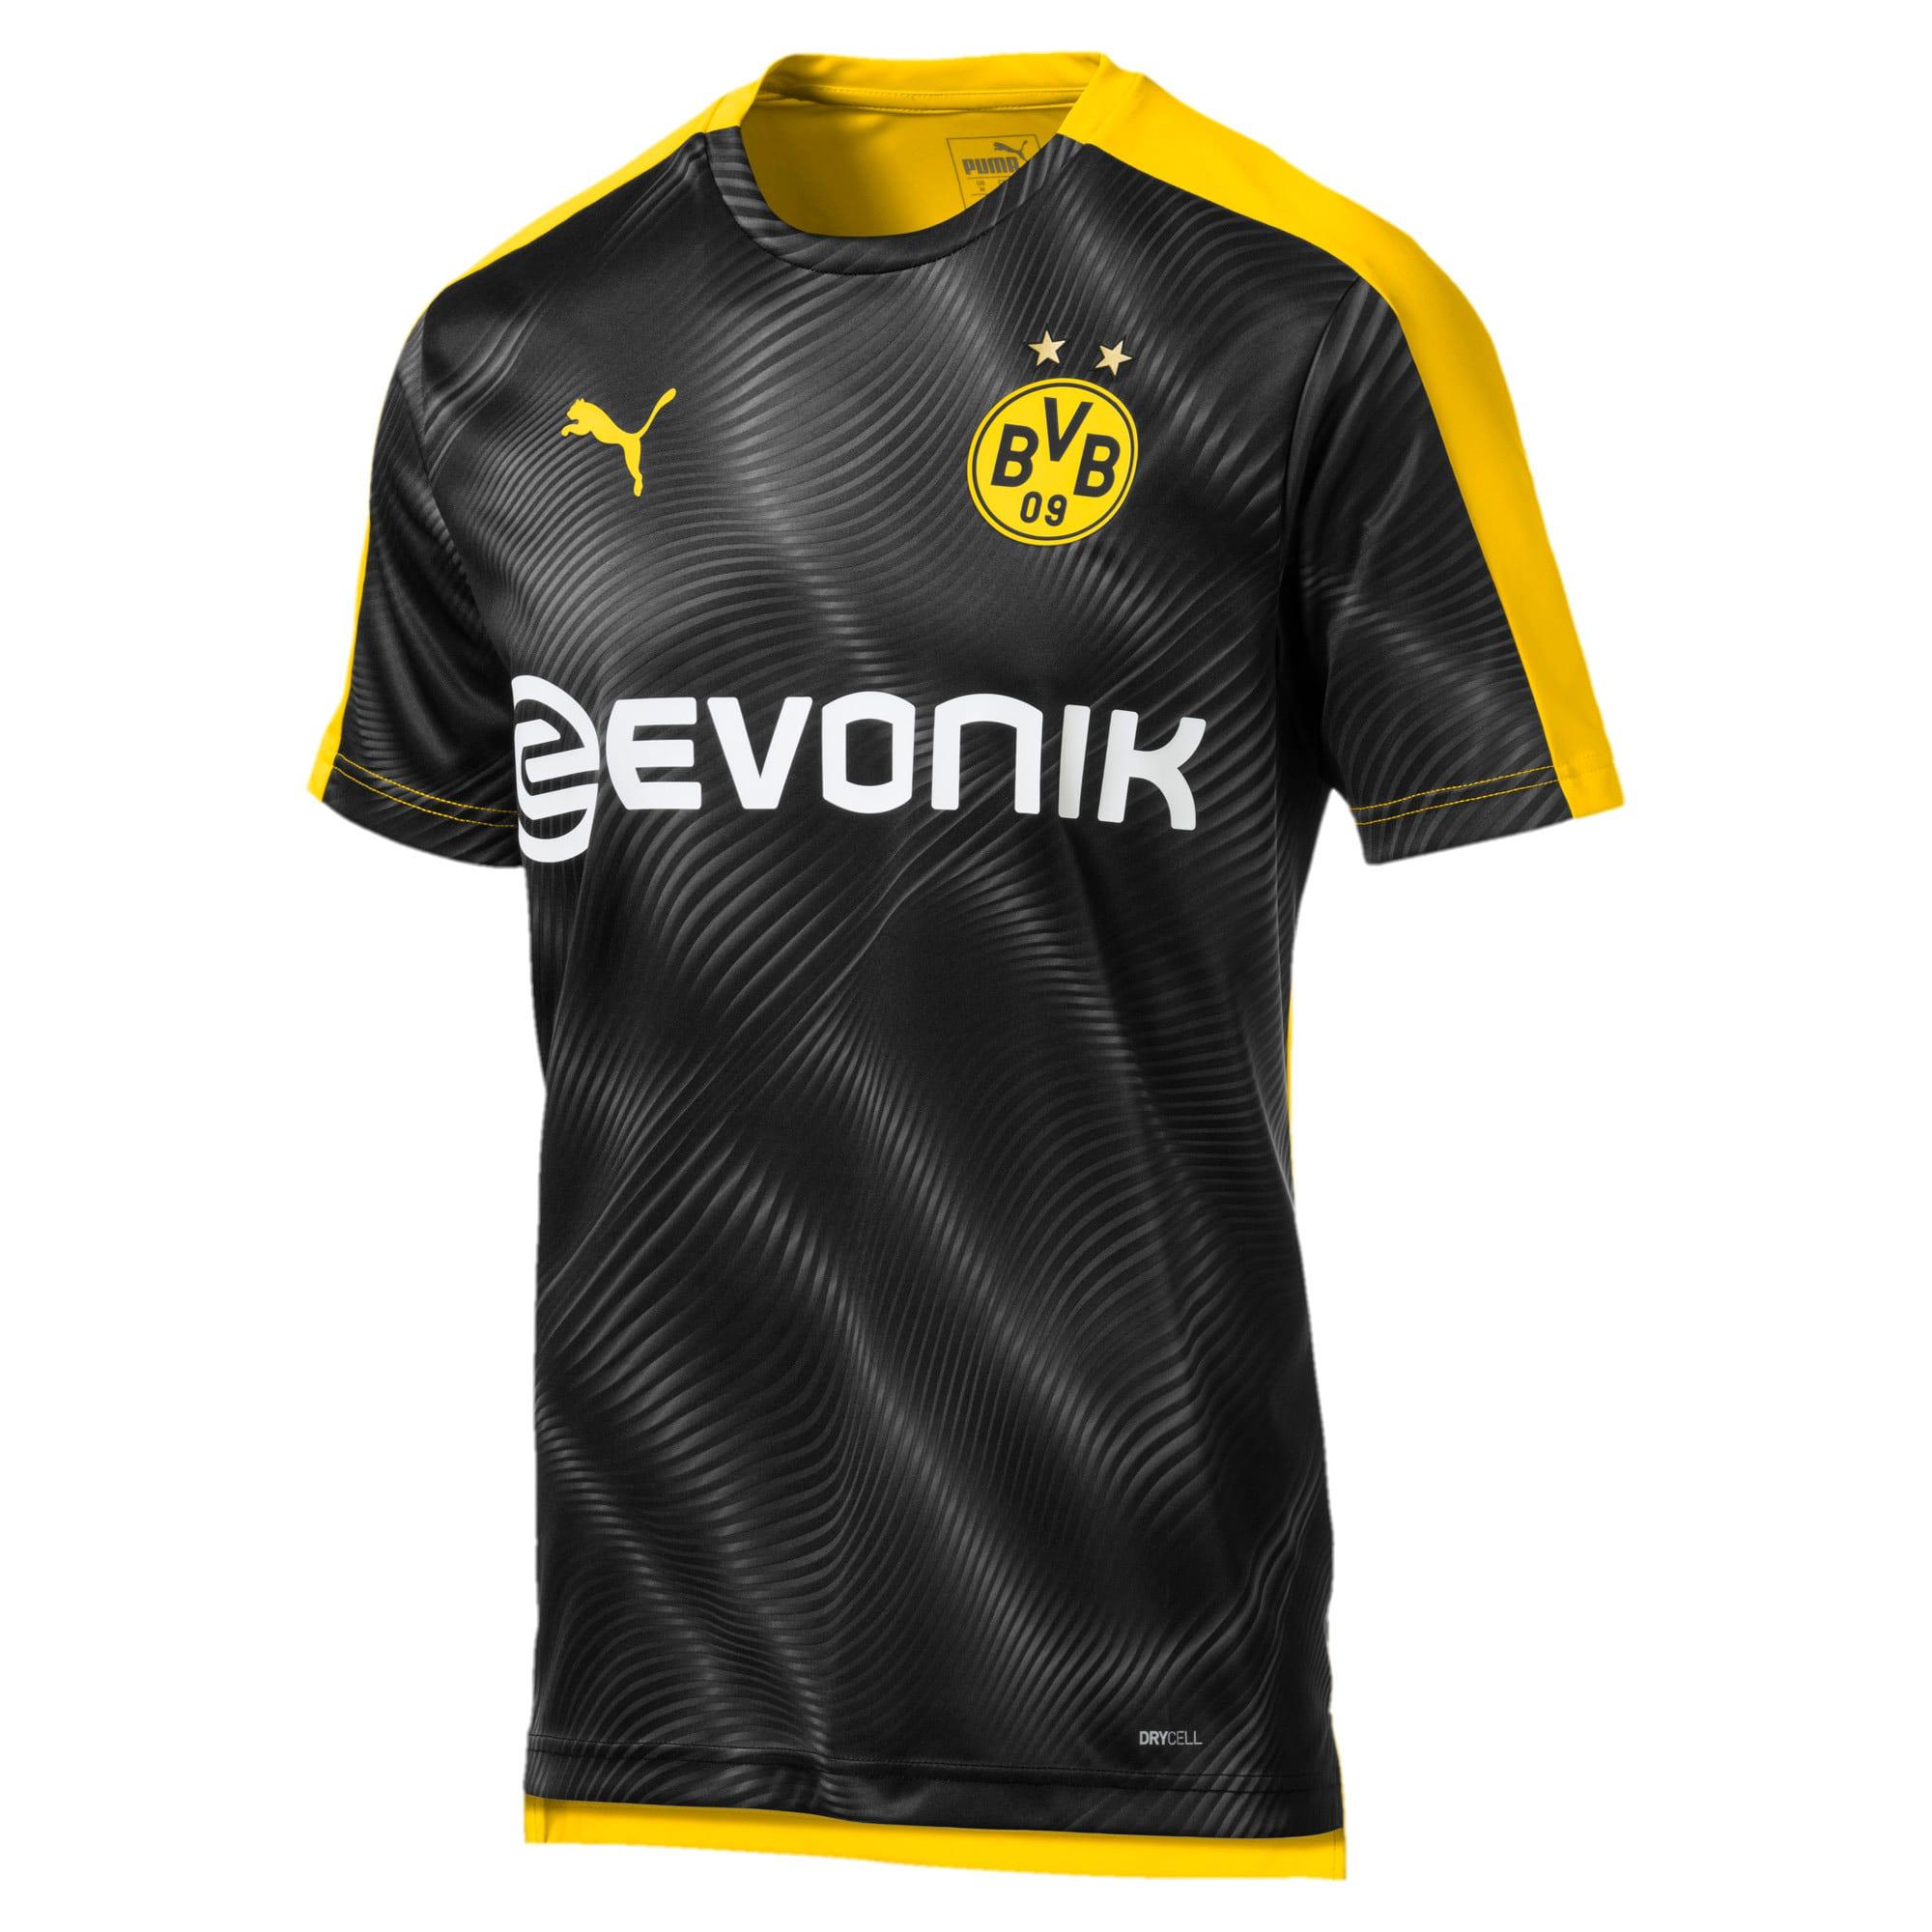 Thumbnail 1 of ドルトムント BVB リーグ スタジアム グラフィック ジャージ, Cyber Yellow-Puma Black, medium-JPN